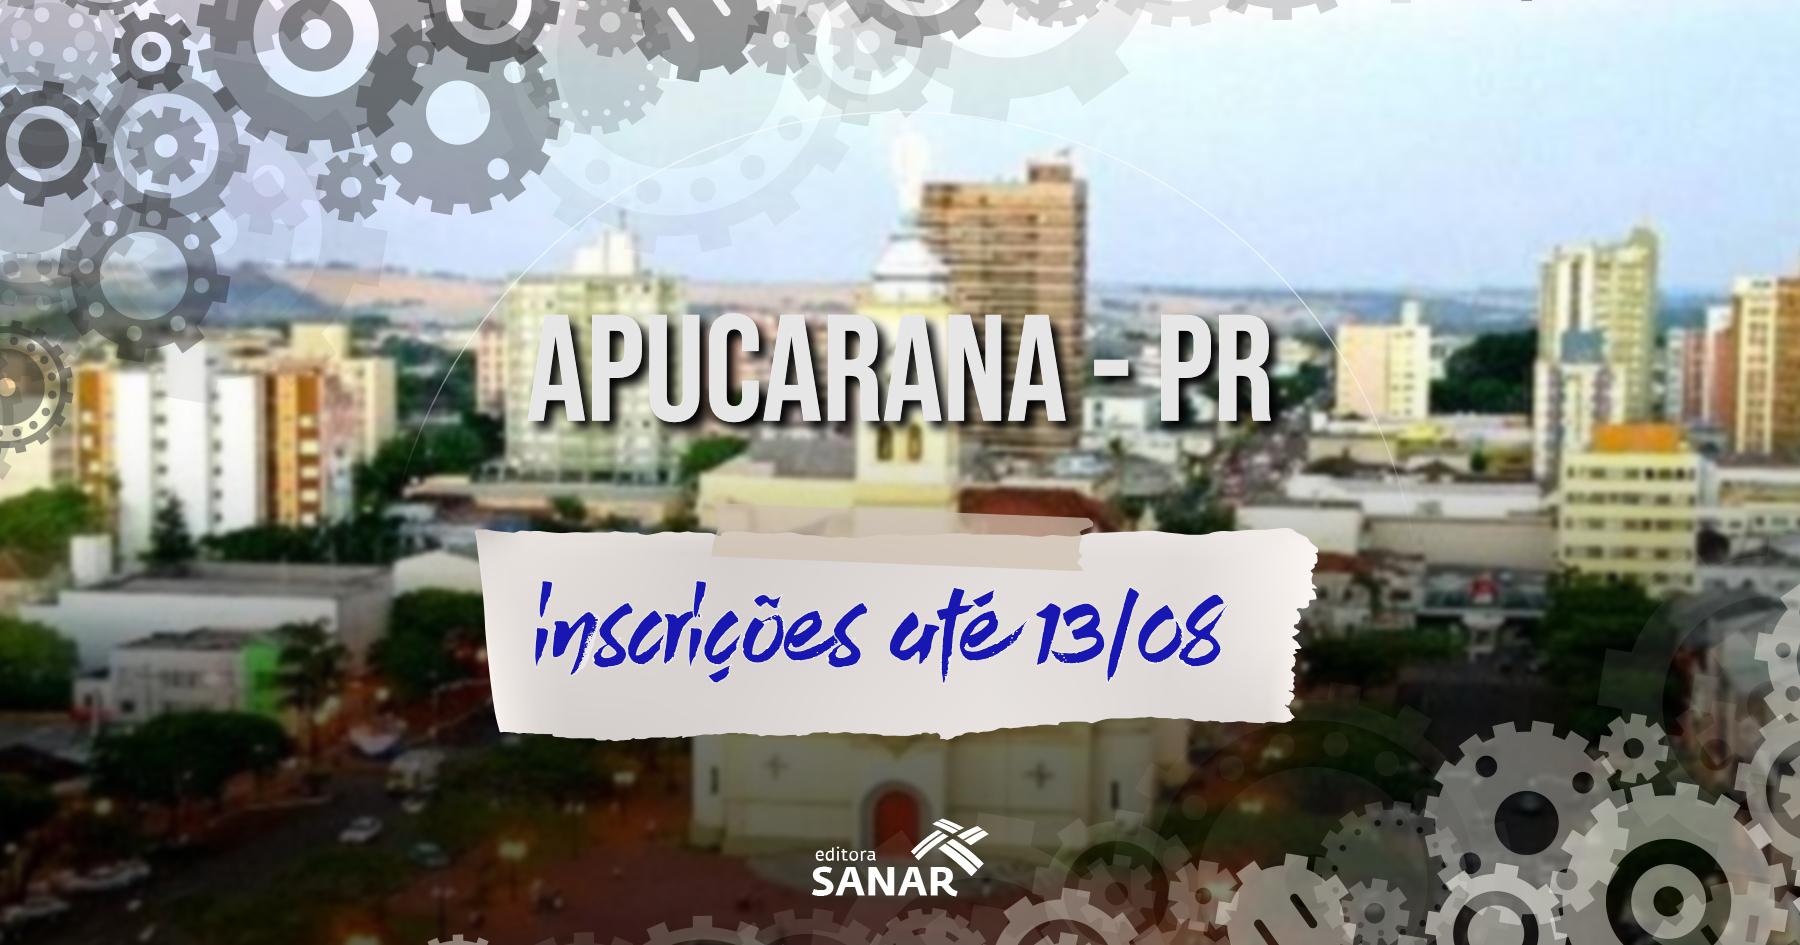 Concurso | Apucarana (PR) seleciona Veterinário e Farmacêutico